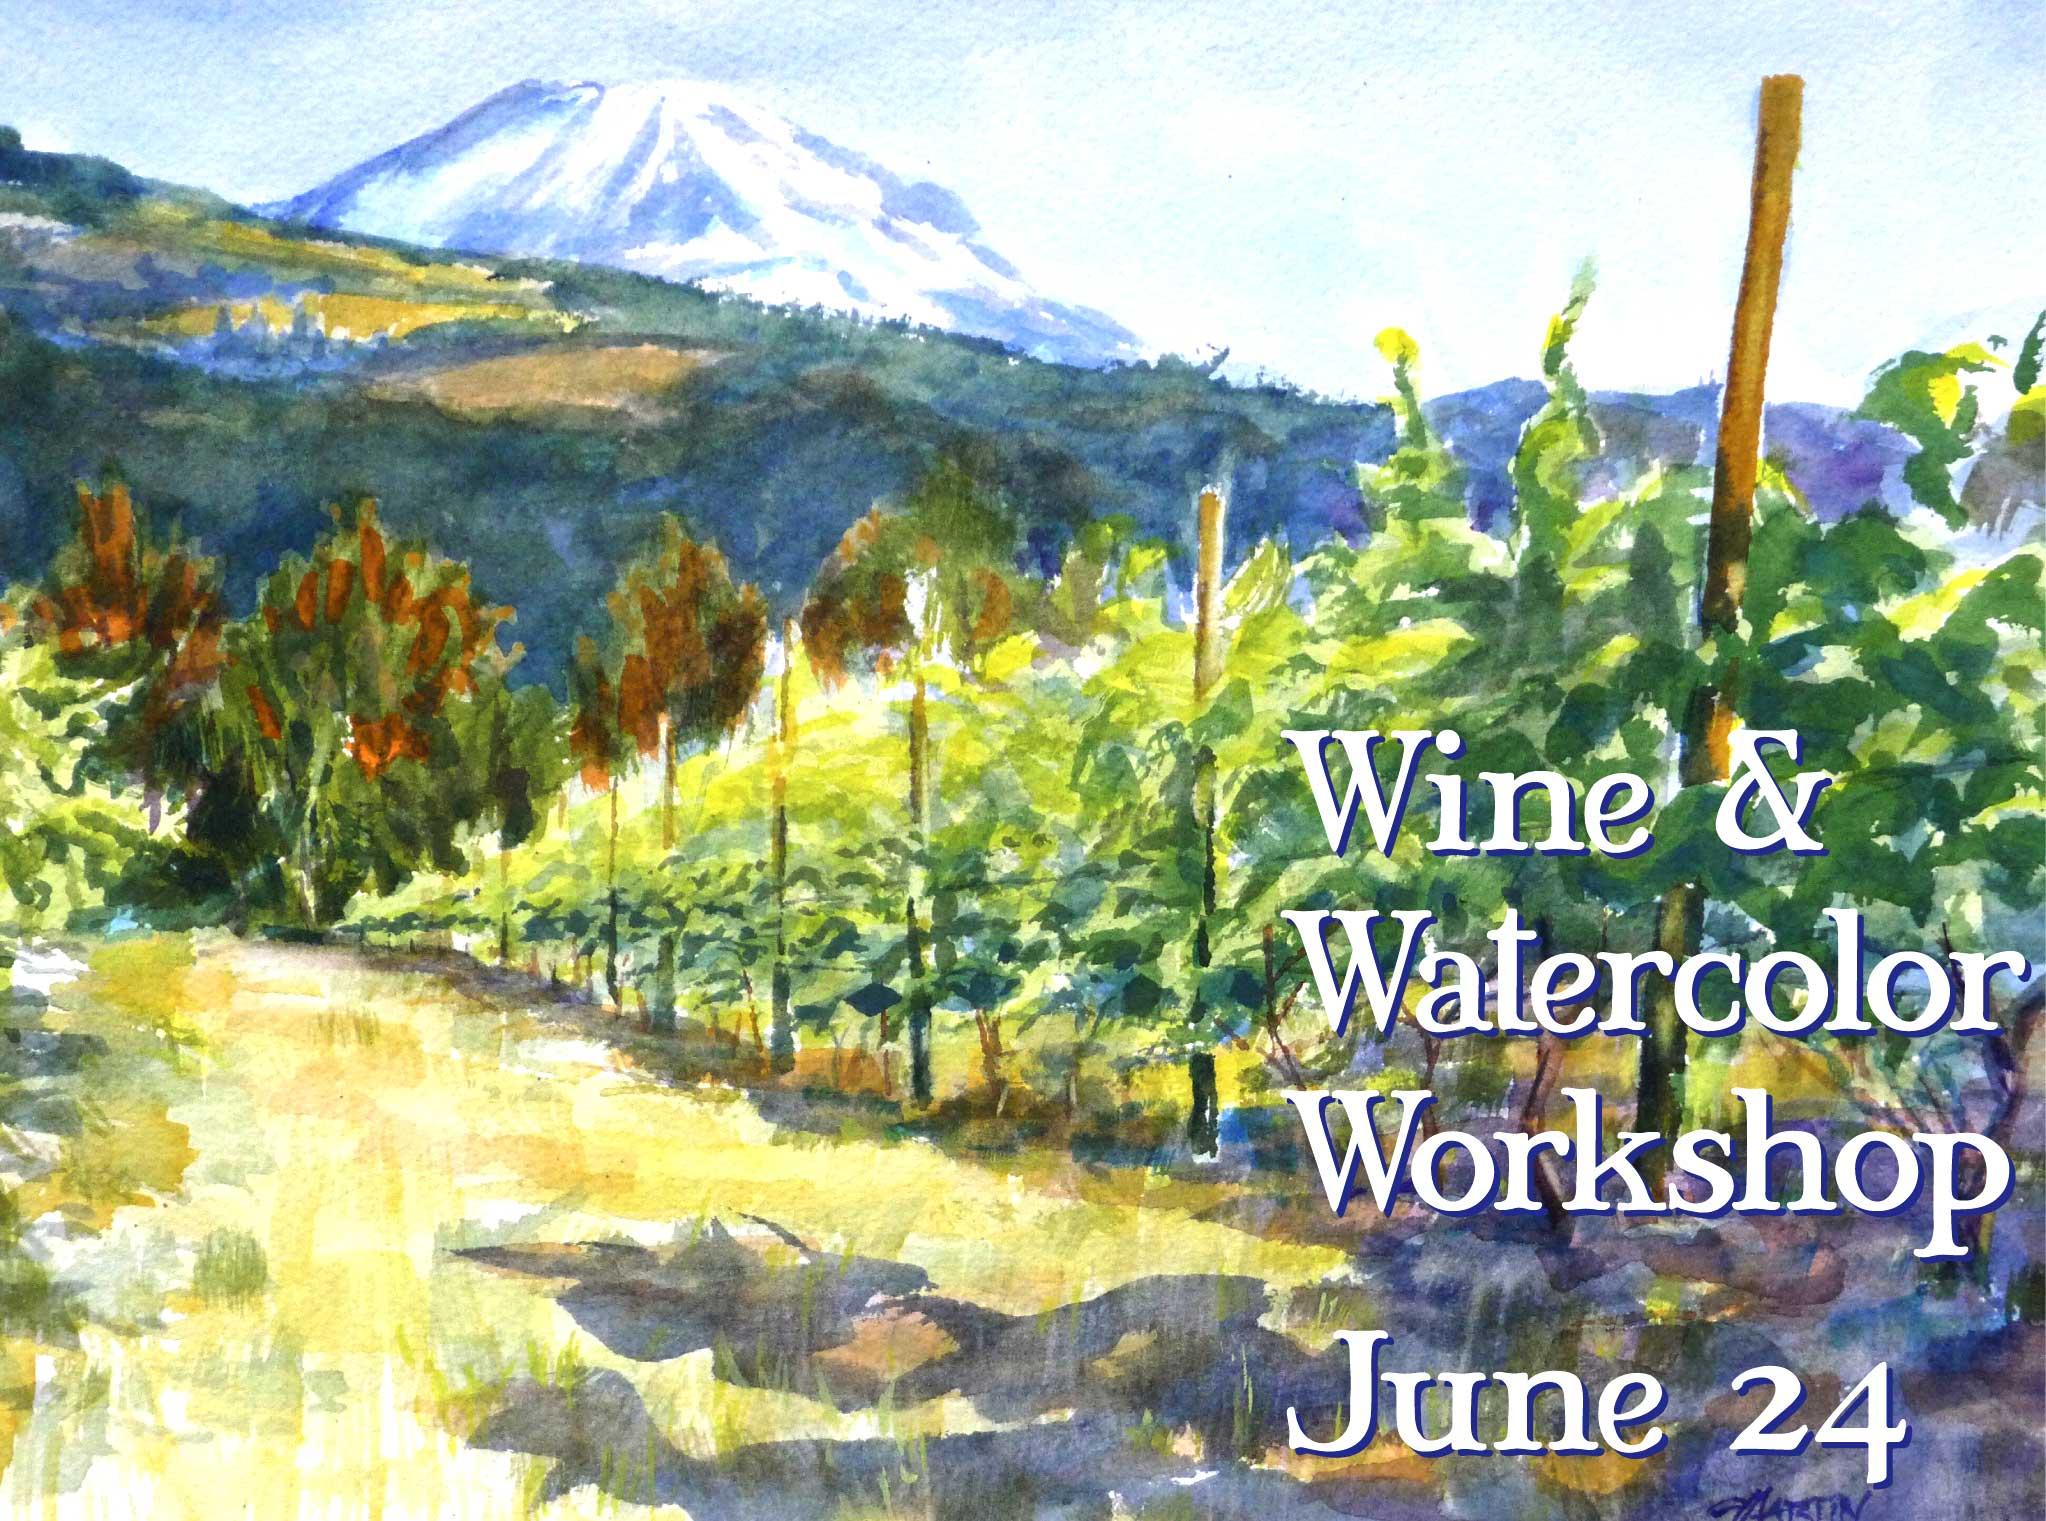 vineyard-watercolor-workshop.jpg